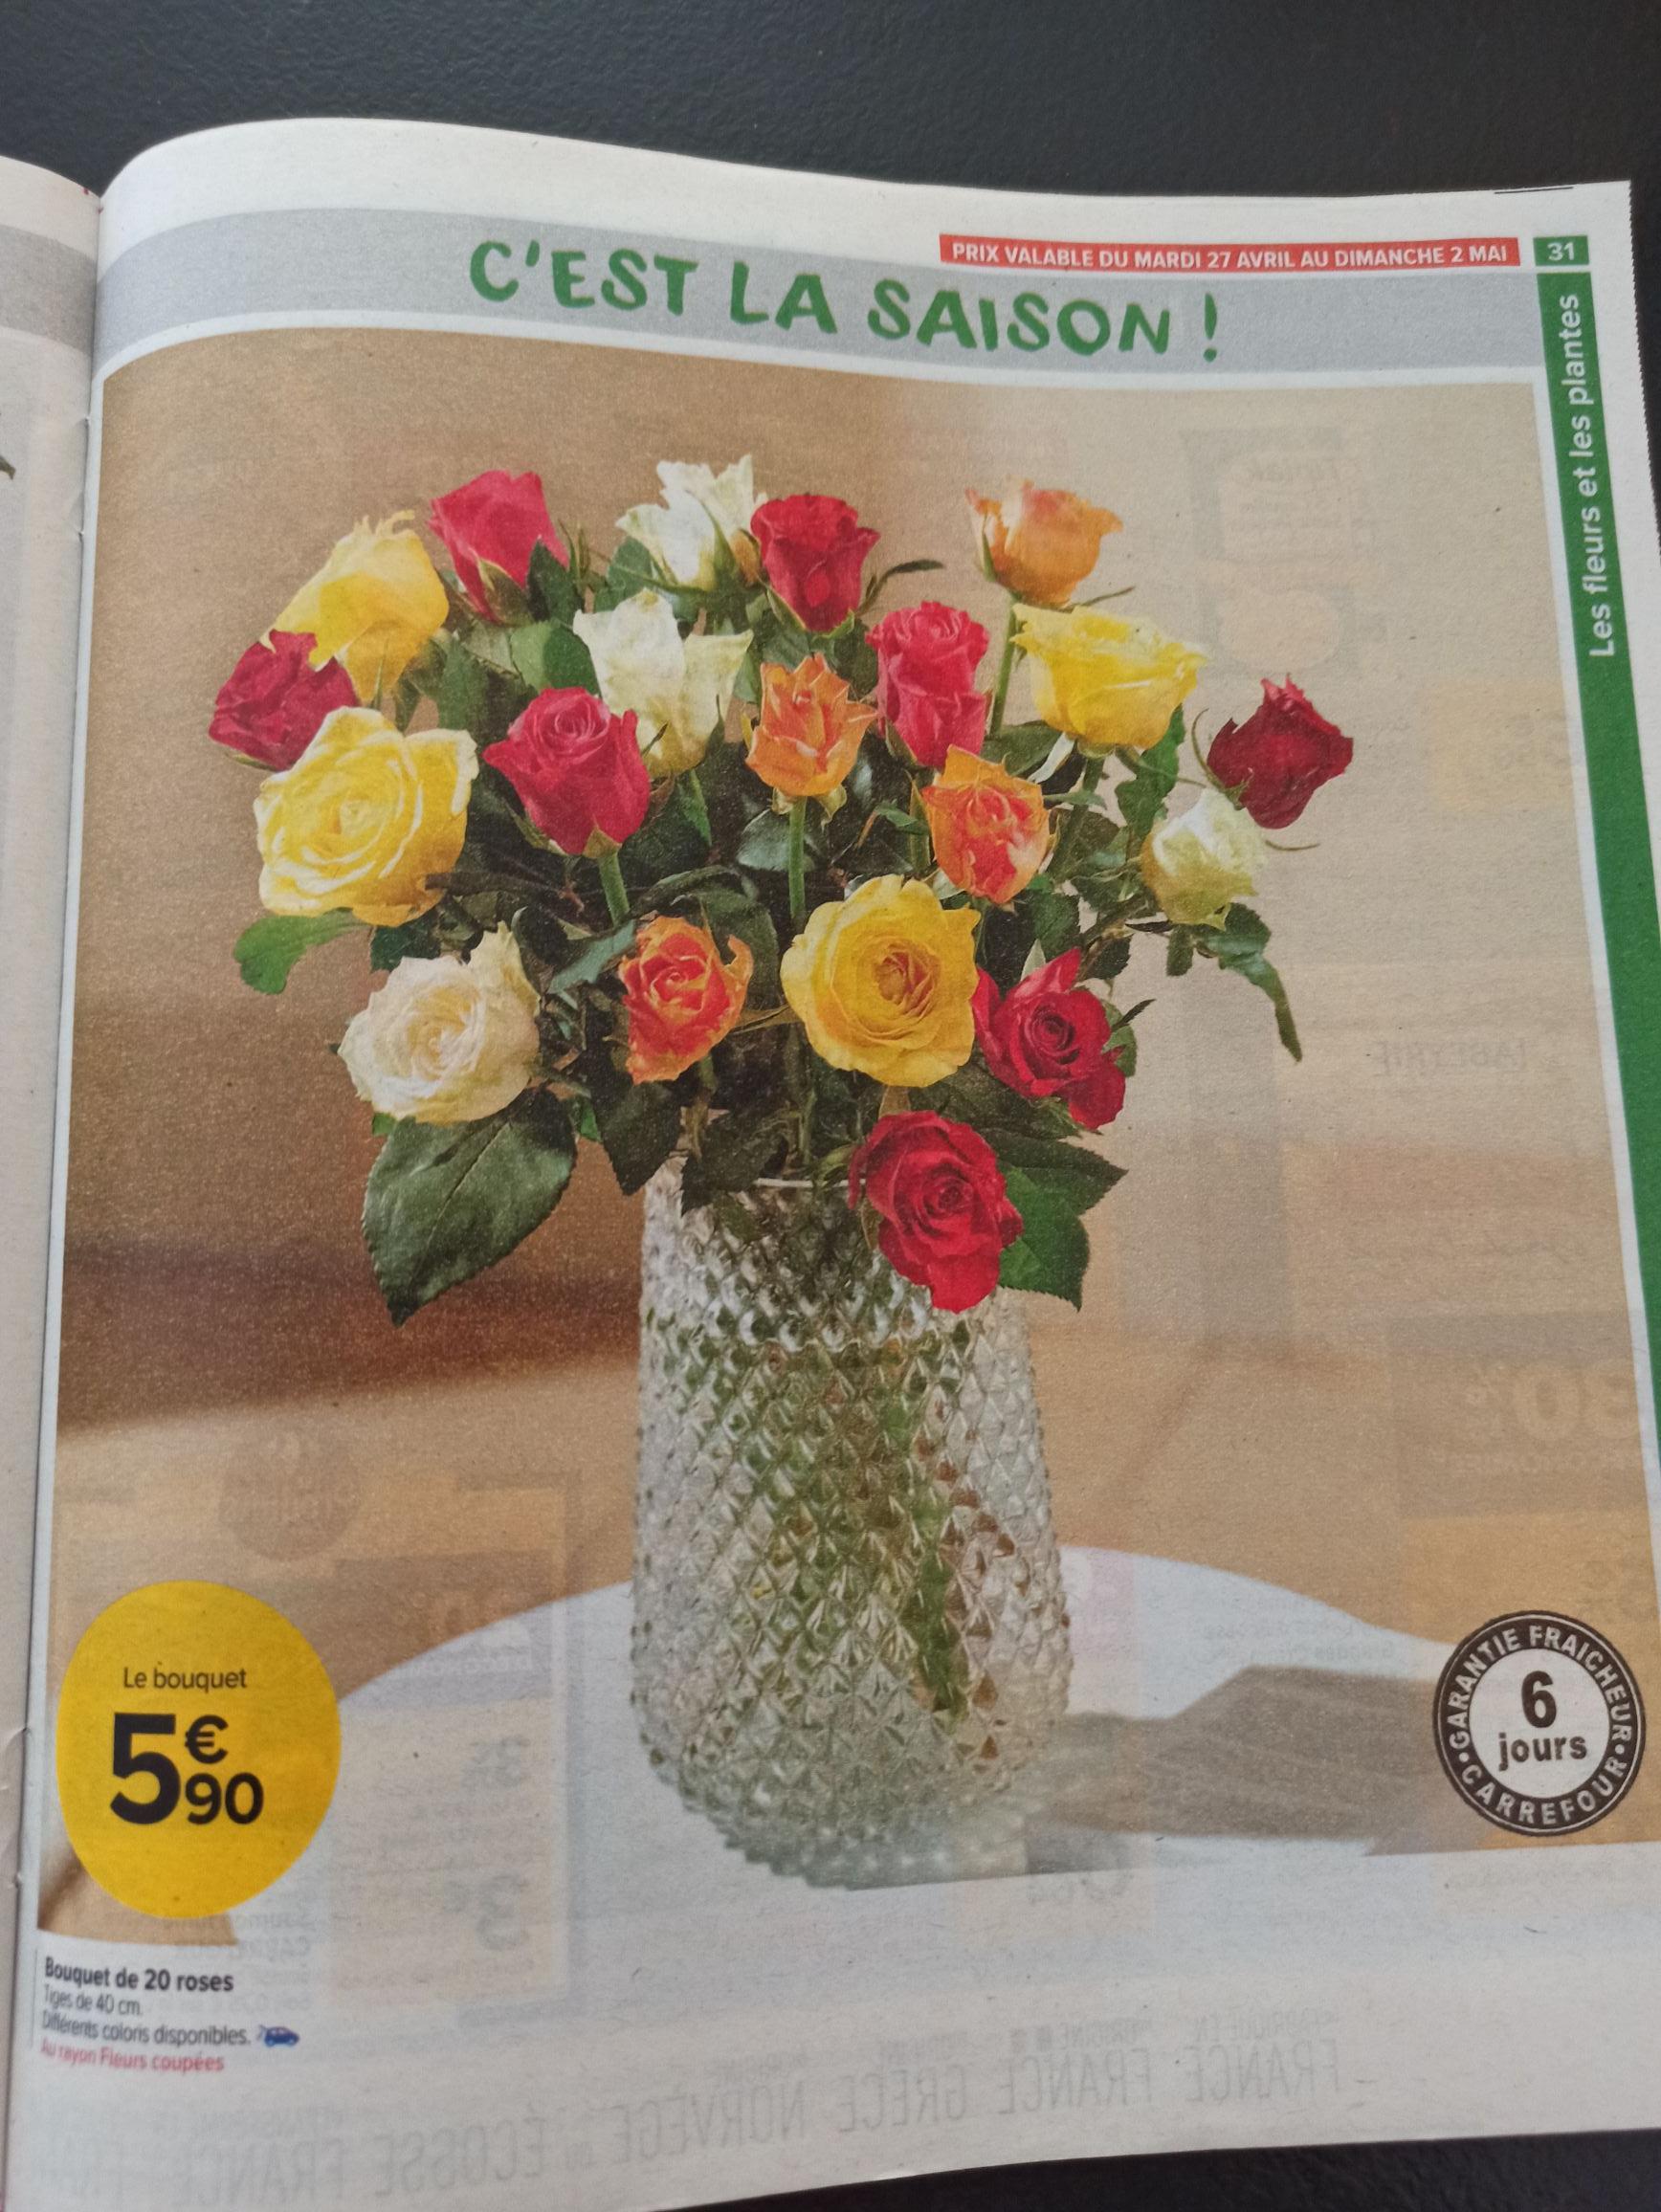 Bouquet de 20 roses